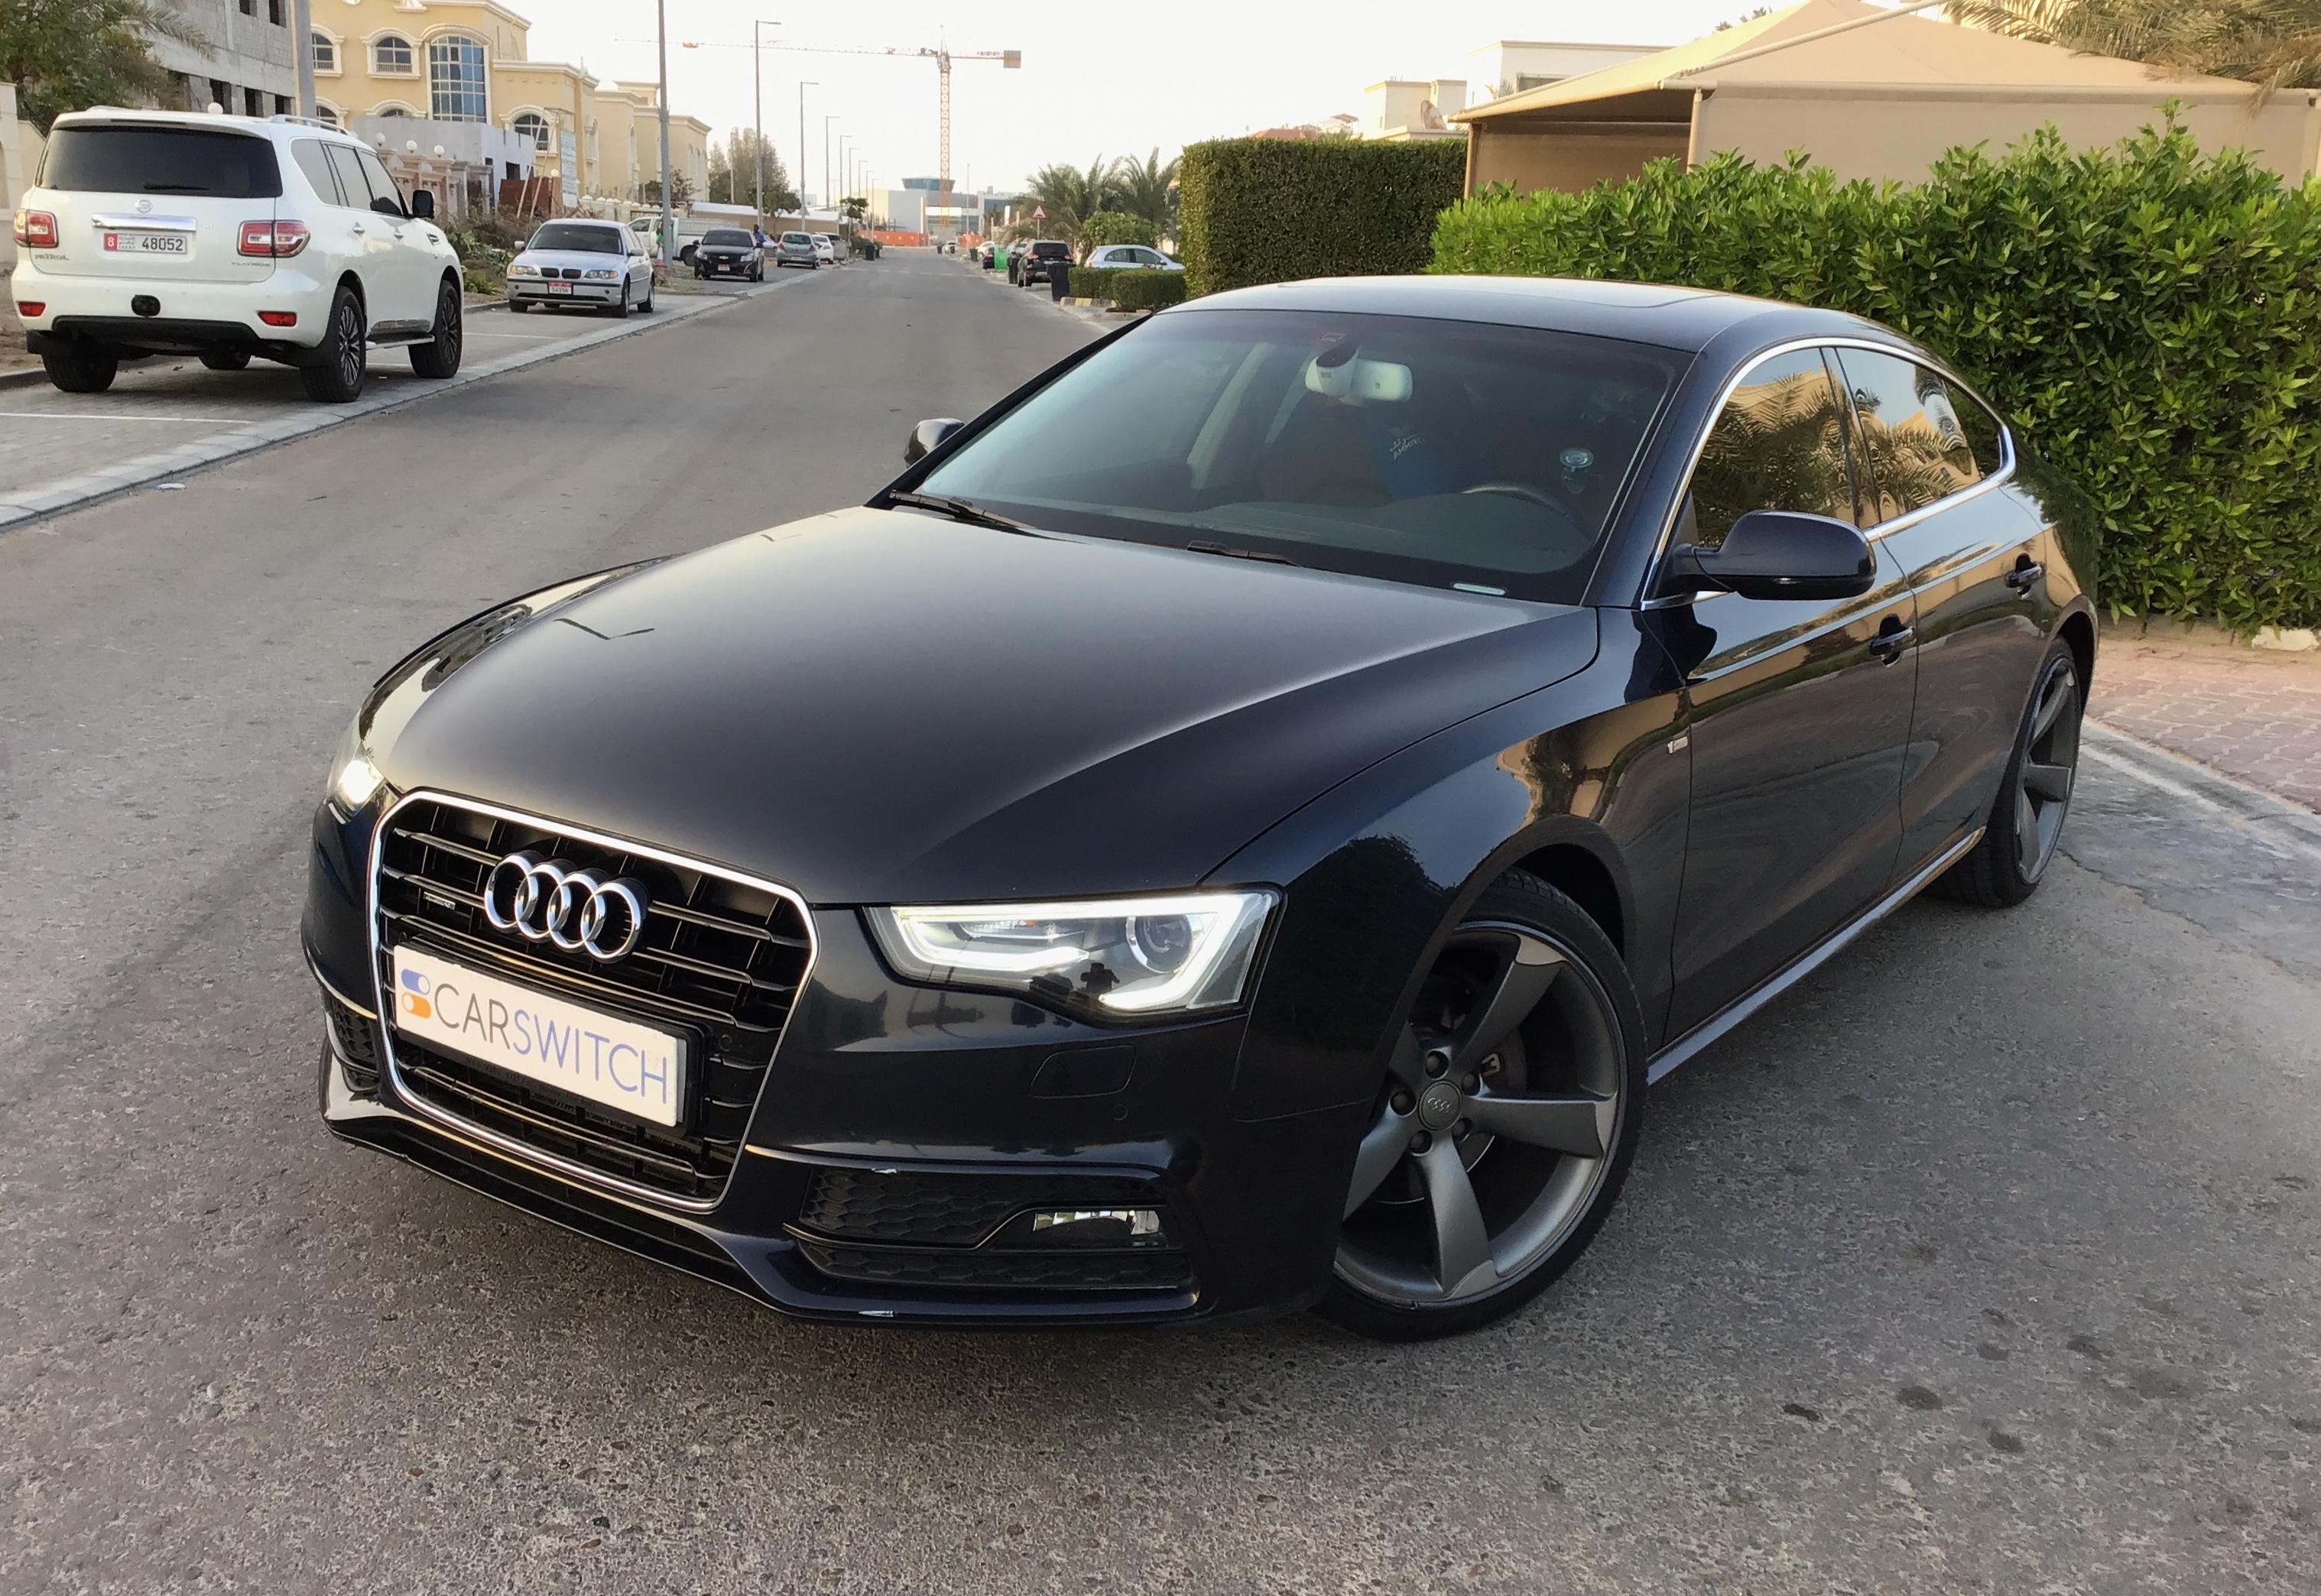 Kelebihan Kekurangan Audi A5 2014 Top Model Tahun Ini